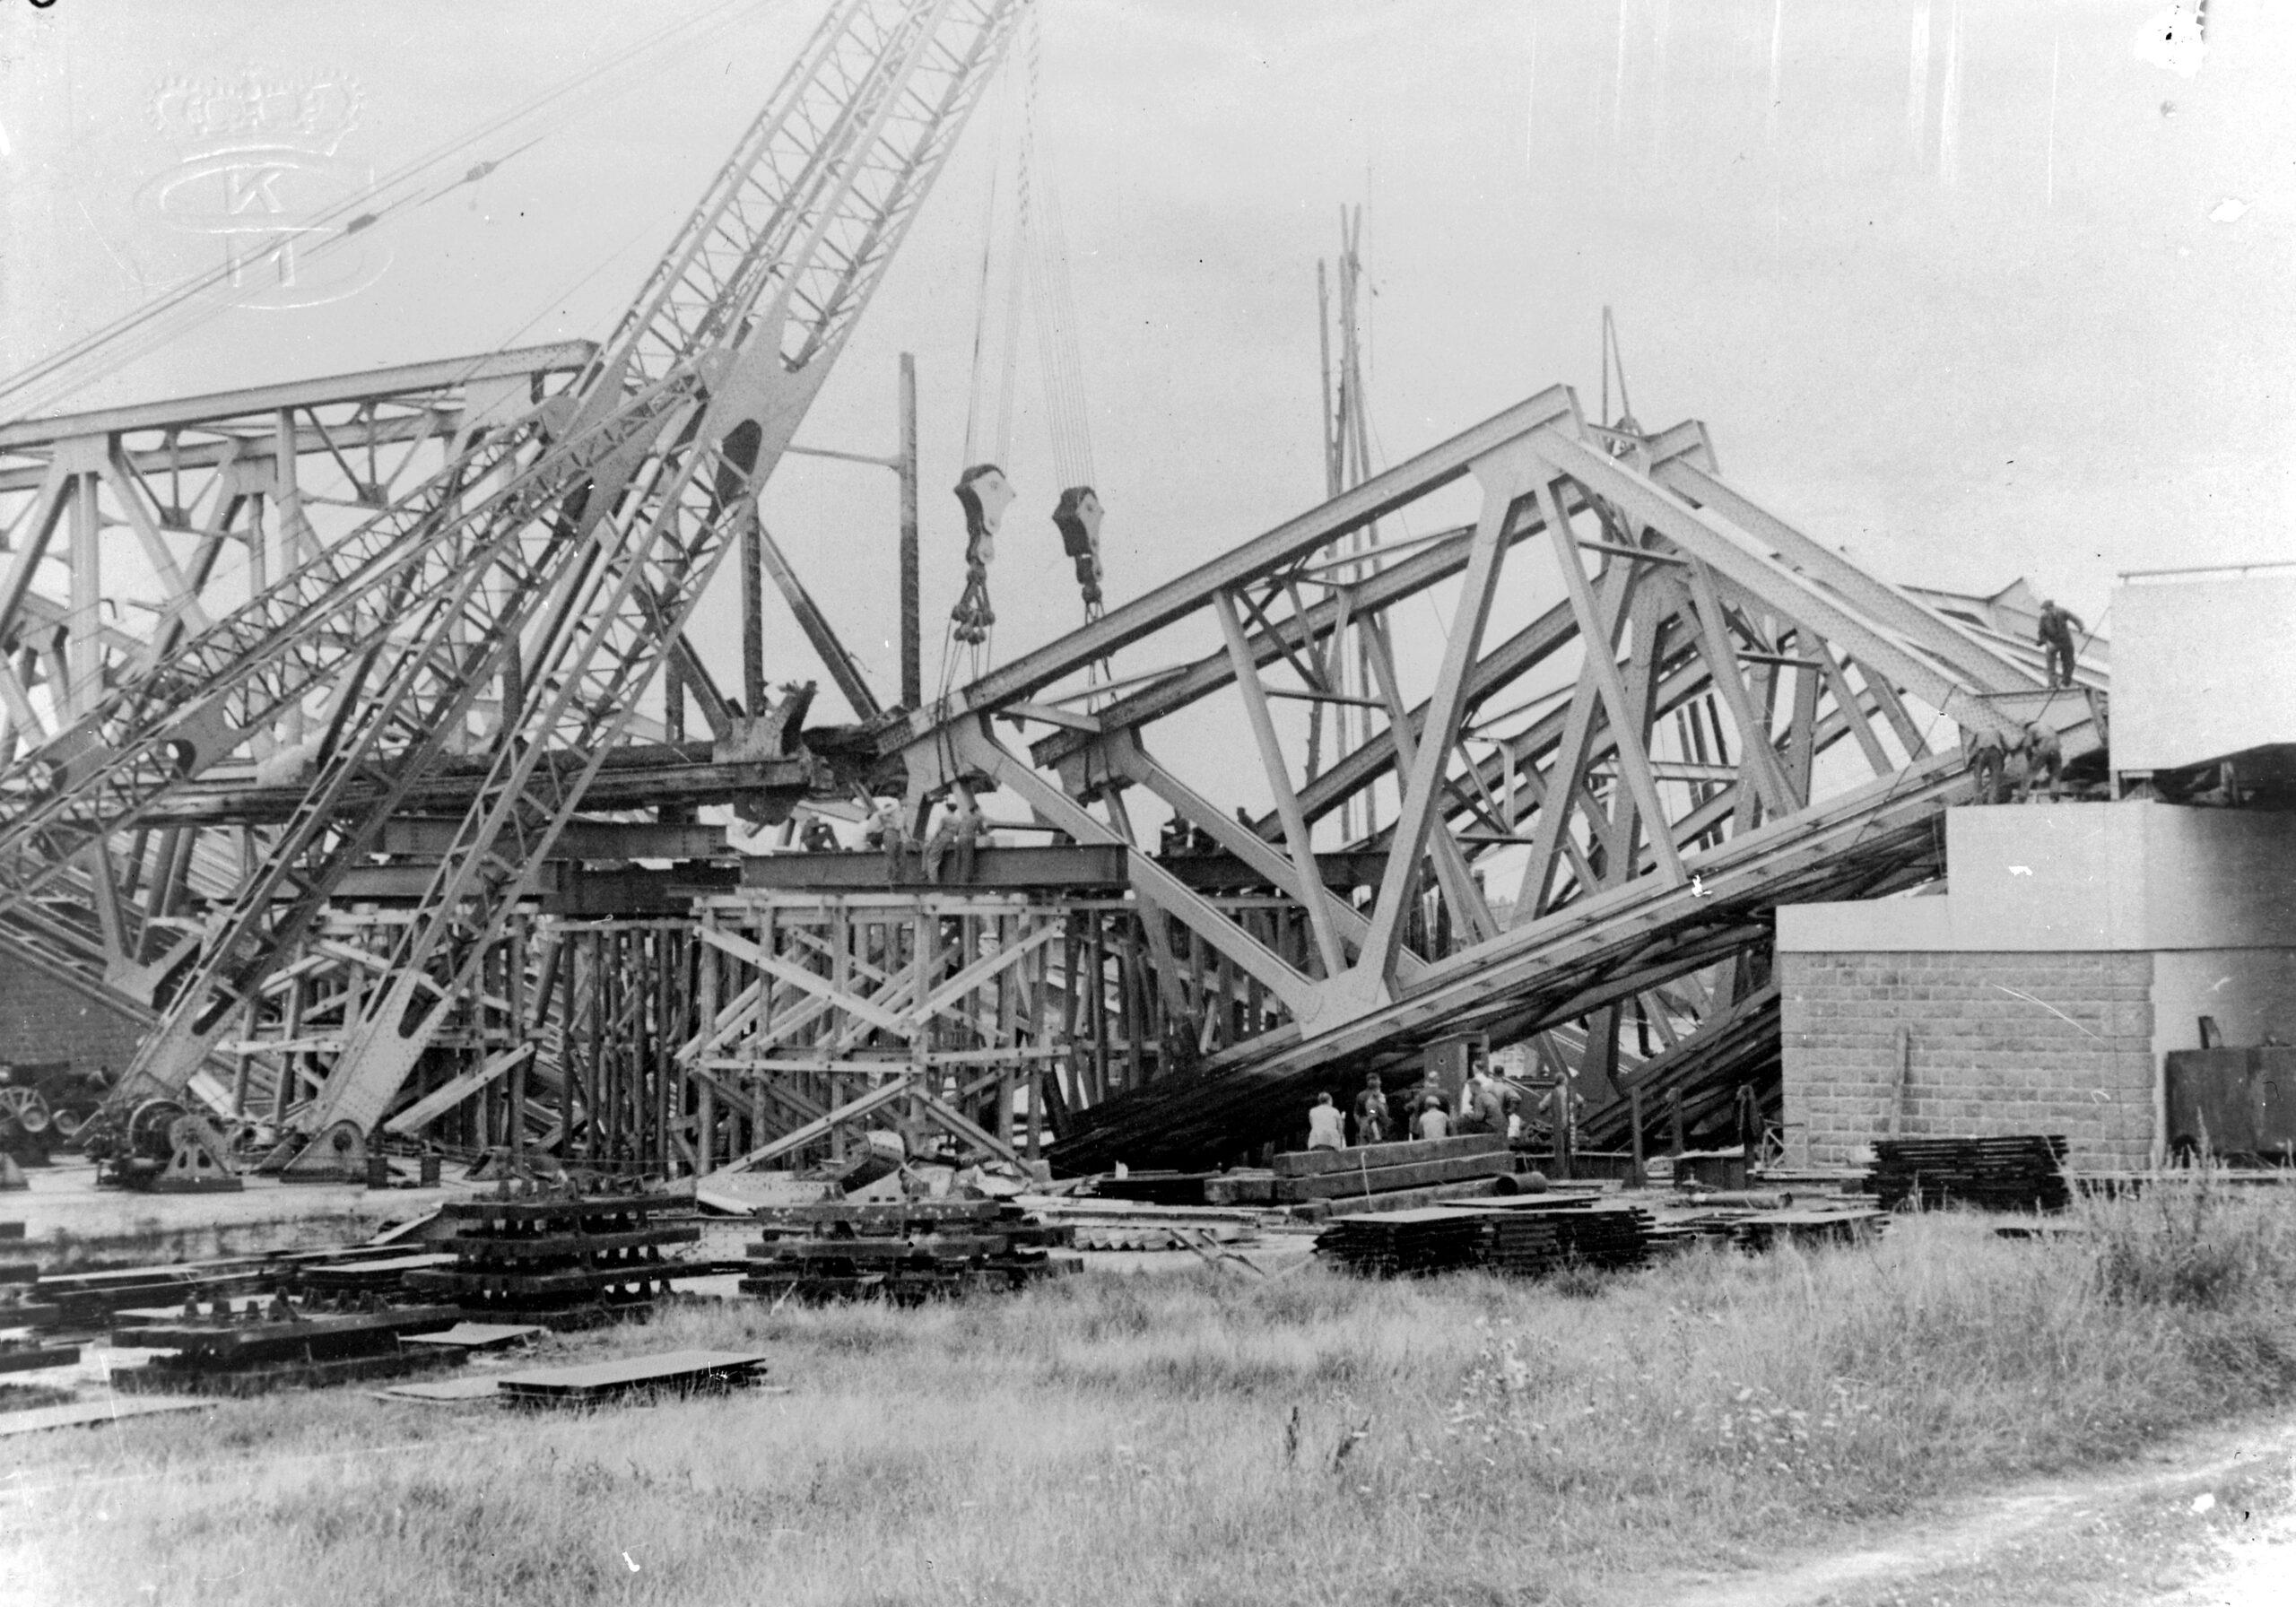 De vernielde spoorbrug bij Vlake wordt gelicht, augustus 1940 (Zeeuws Archief, Kon. Mij. De Schelde, coll. 7513, nr. 5332).